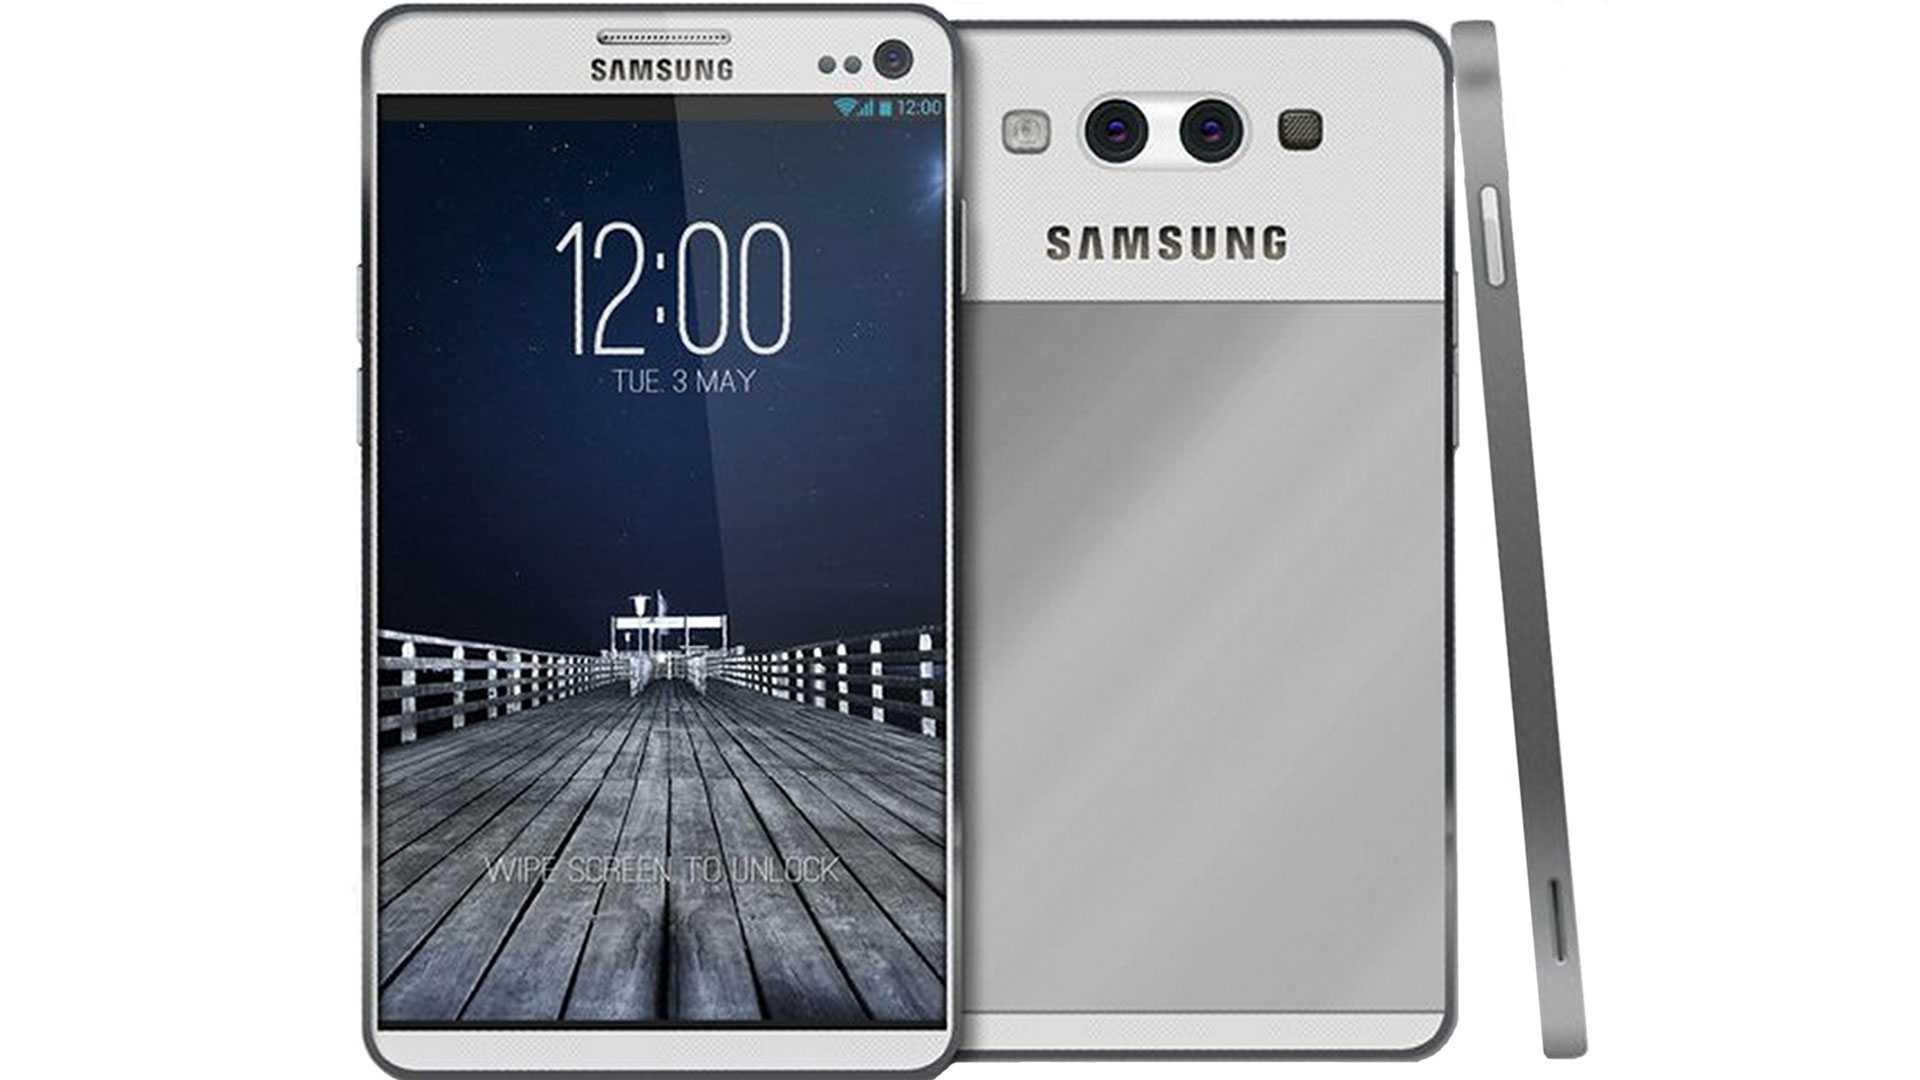 Il Galaxy Note 3 versione Internazionale si aggiorna in stabilità